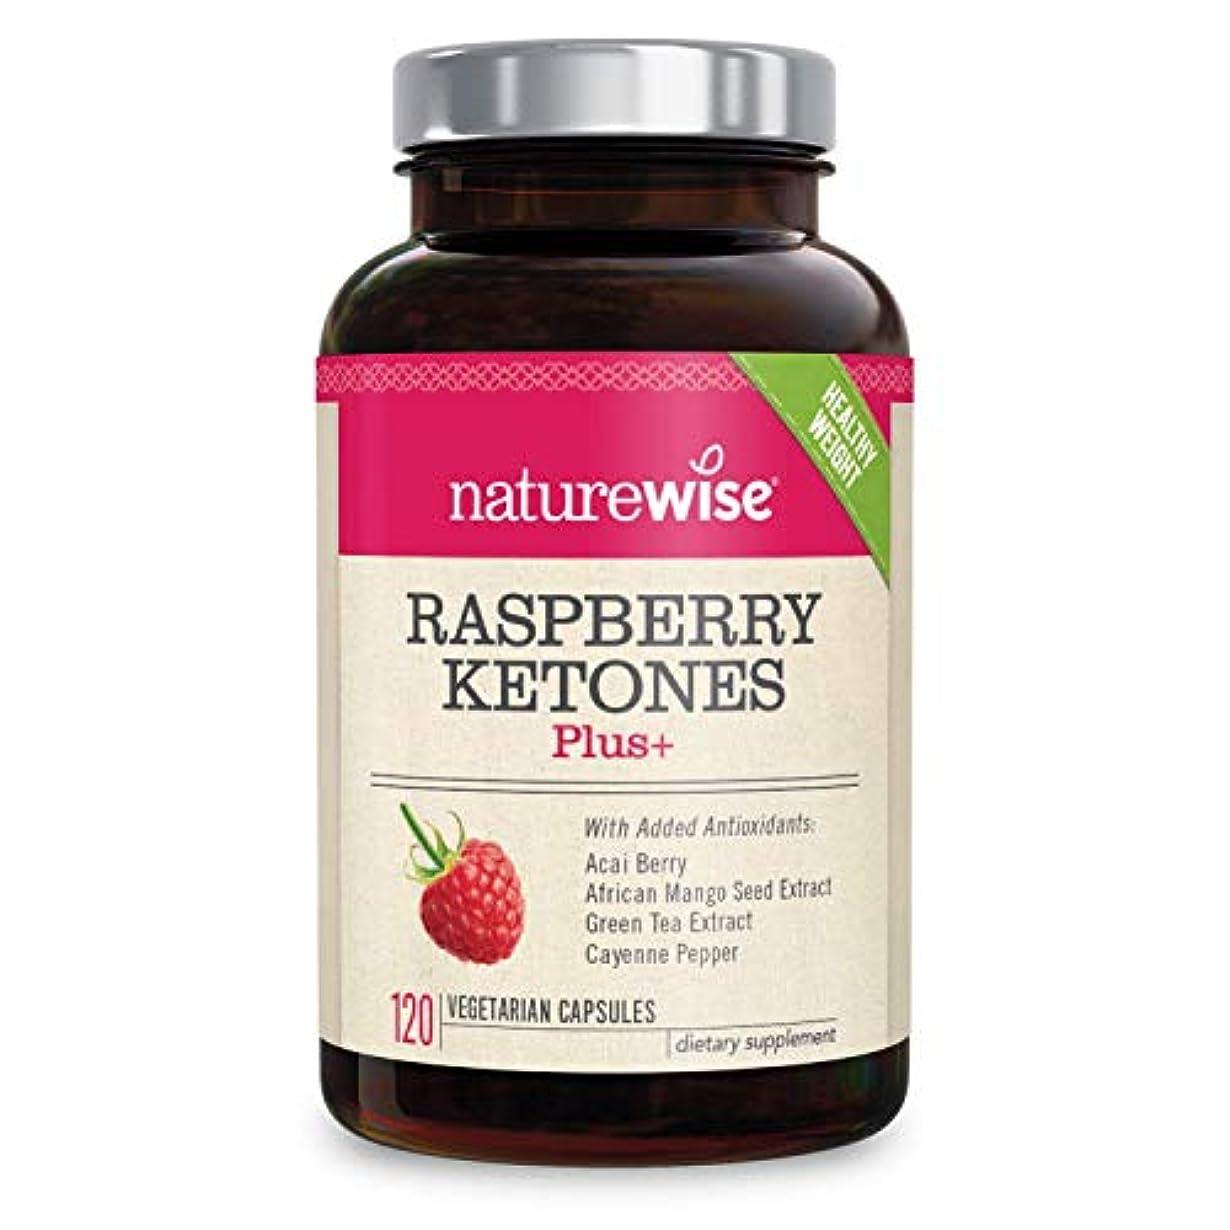 伝導率条件付き累計NatureWise Raspberry Ketones Plus ラズベリー ケトン プラス ケトジェニック ダイエット サプリ 120粒/60日分 [海外直送品]